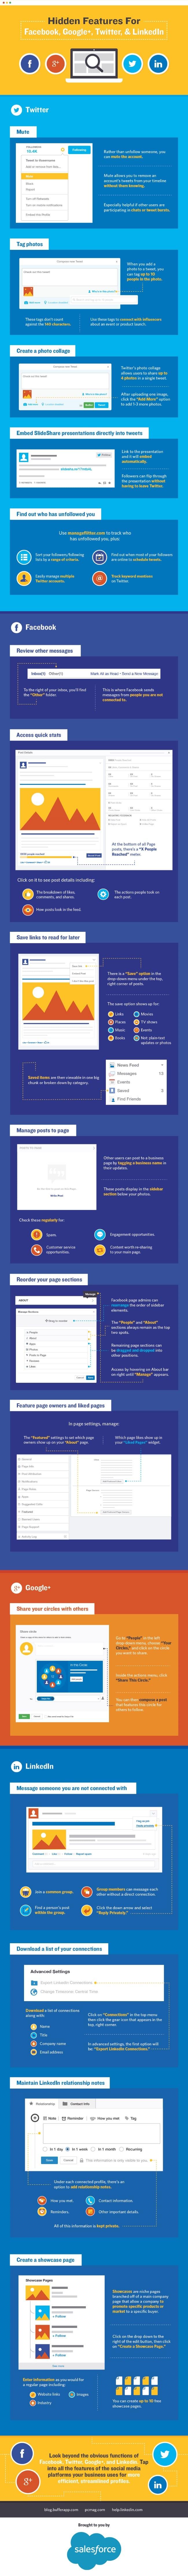 fonctions-cachees-reseaux-sociaux Infographie : les fonctions cachées des réseaux sociaux